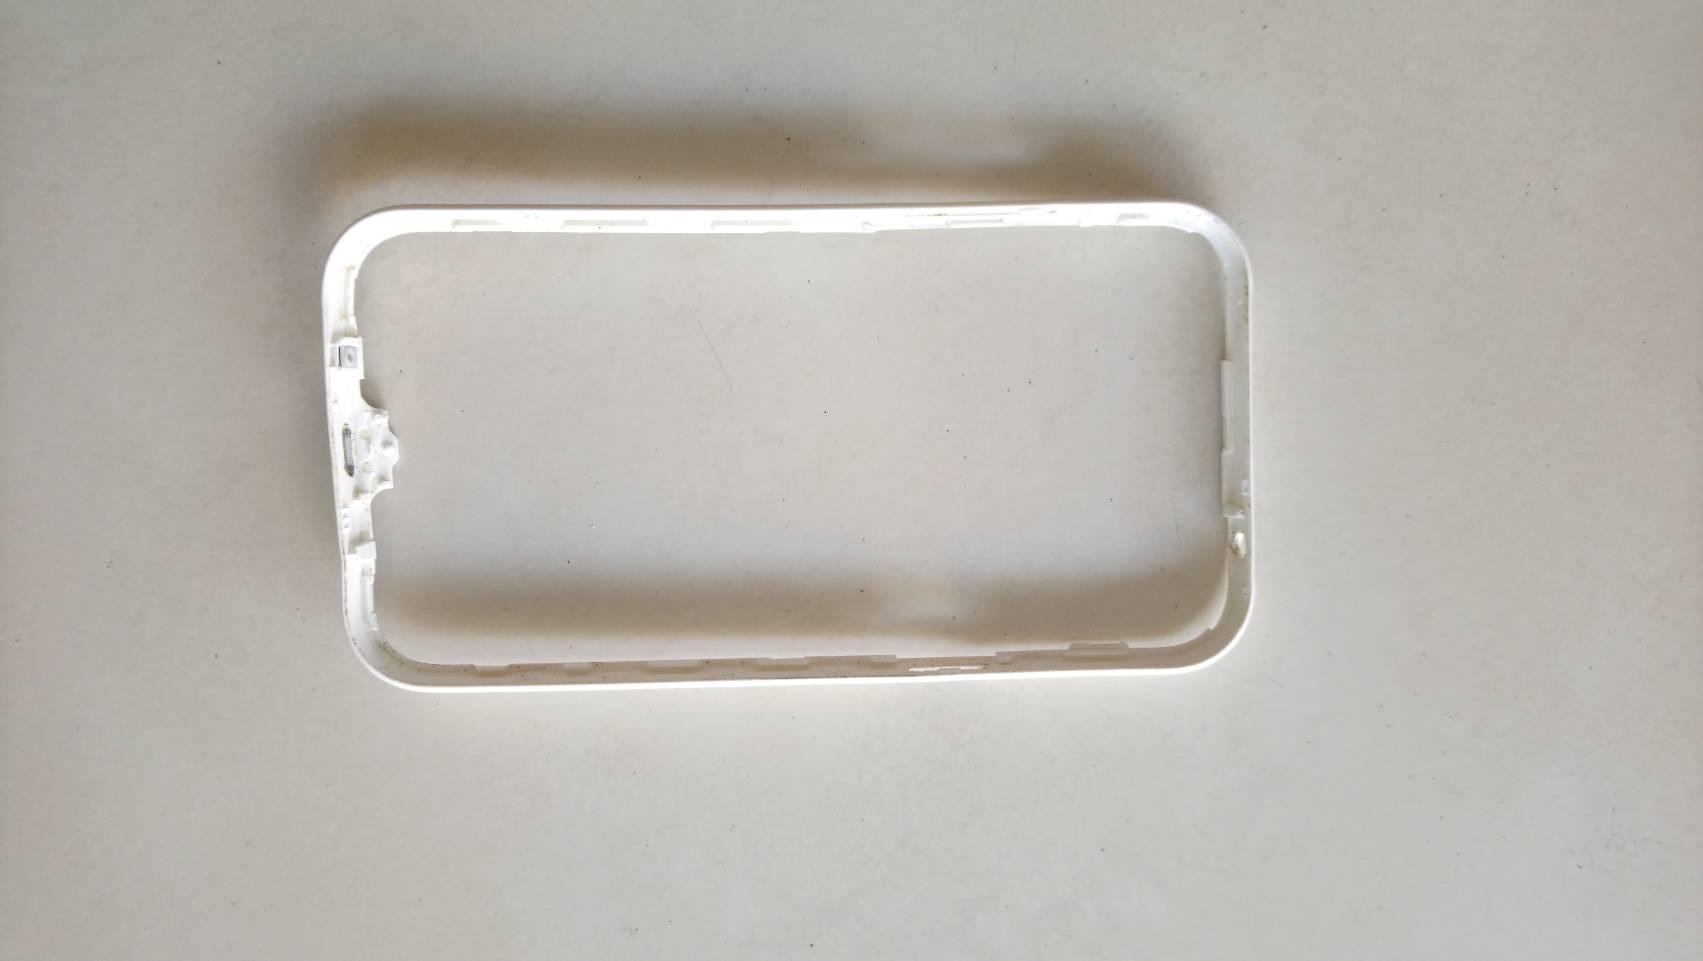 ล็อคขอบด้านข้างสีขาว SAMSUNG J1 / J100 มือสอง